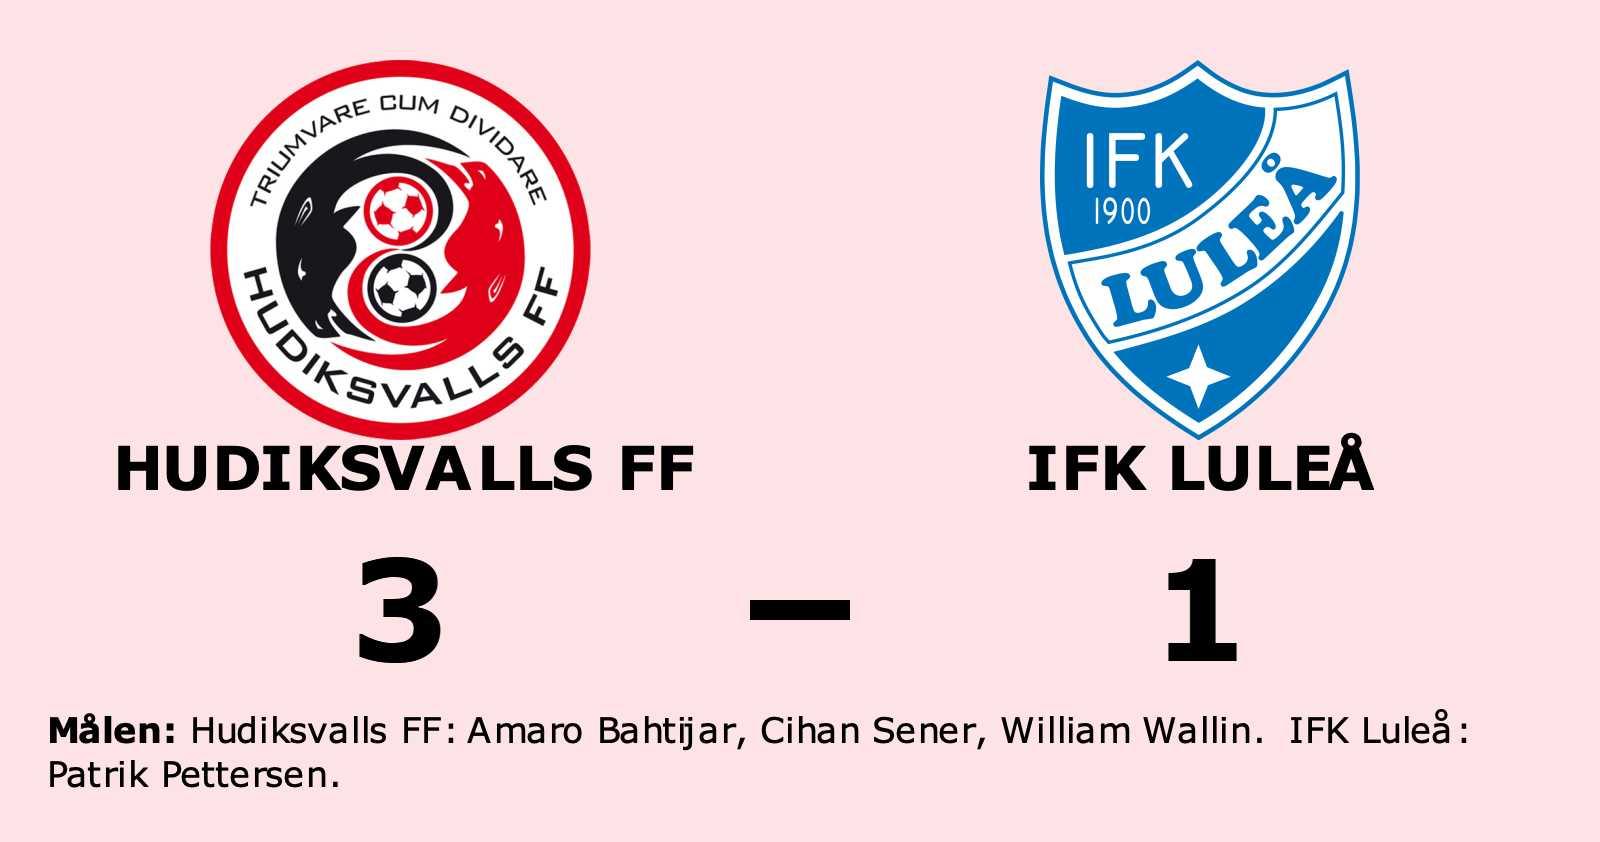 IFK Luleå föll mot Hudiksvalls FF trots ledning